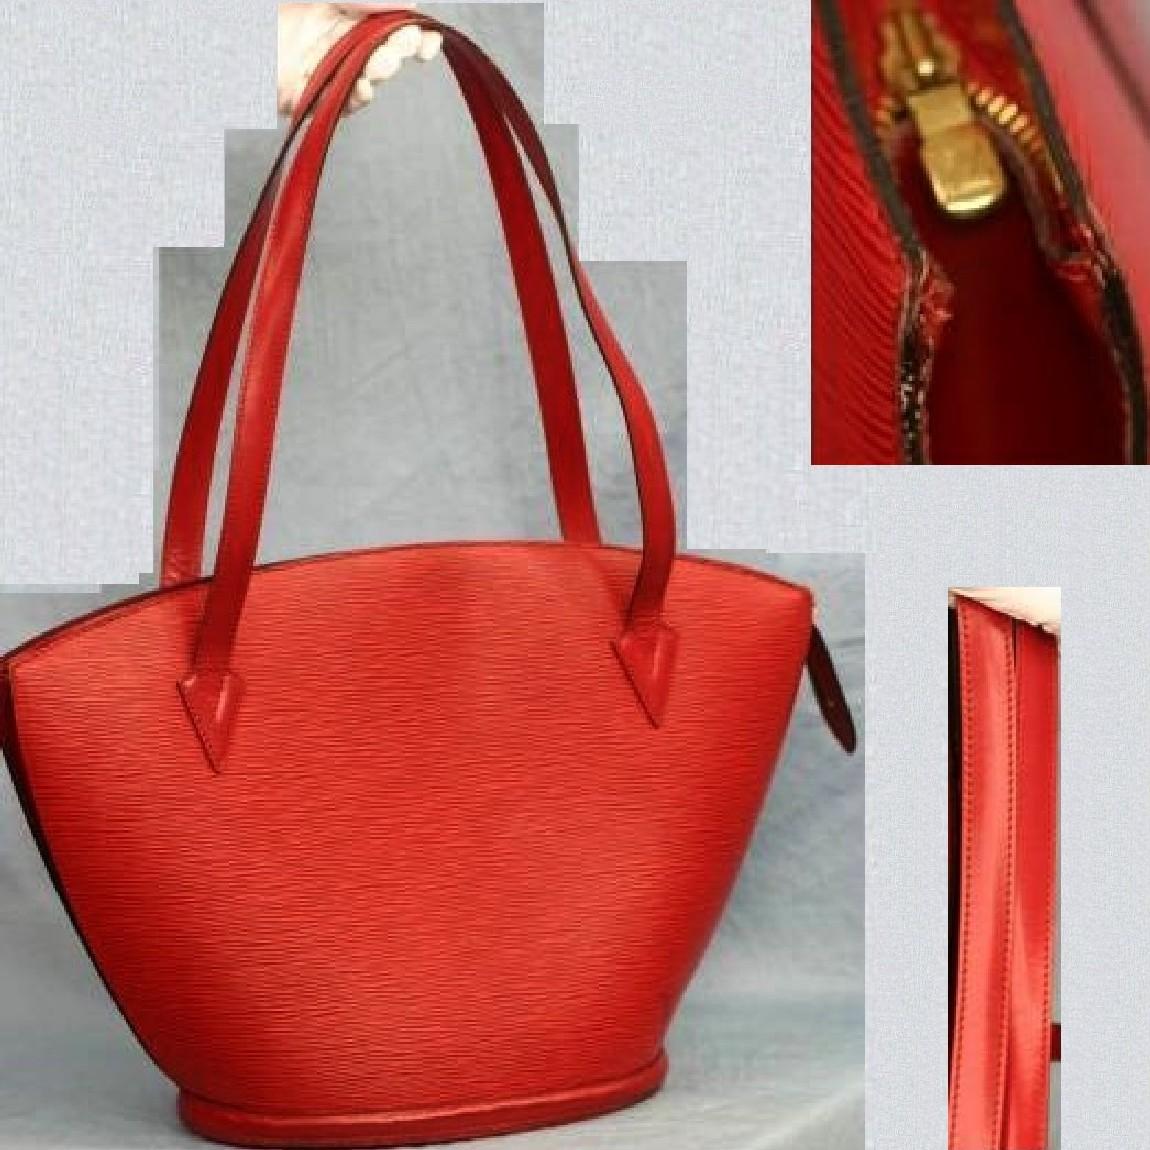 【中古】本物美品L/V M52267女性用エピの赤いサンジャックショッピングバッグ サイズW44,5H30D17cm